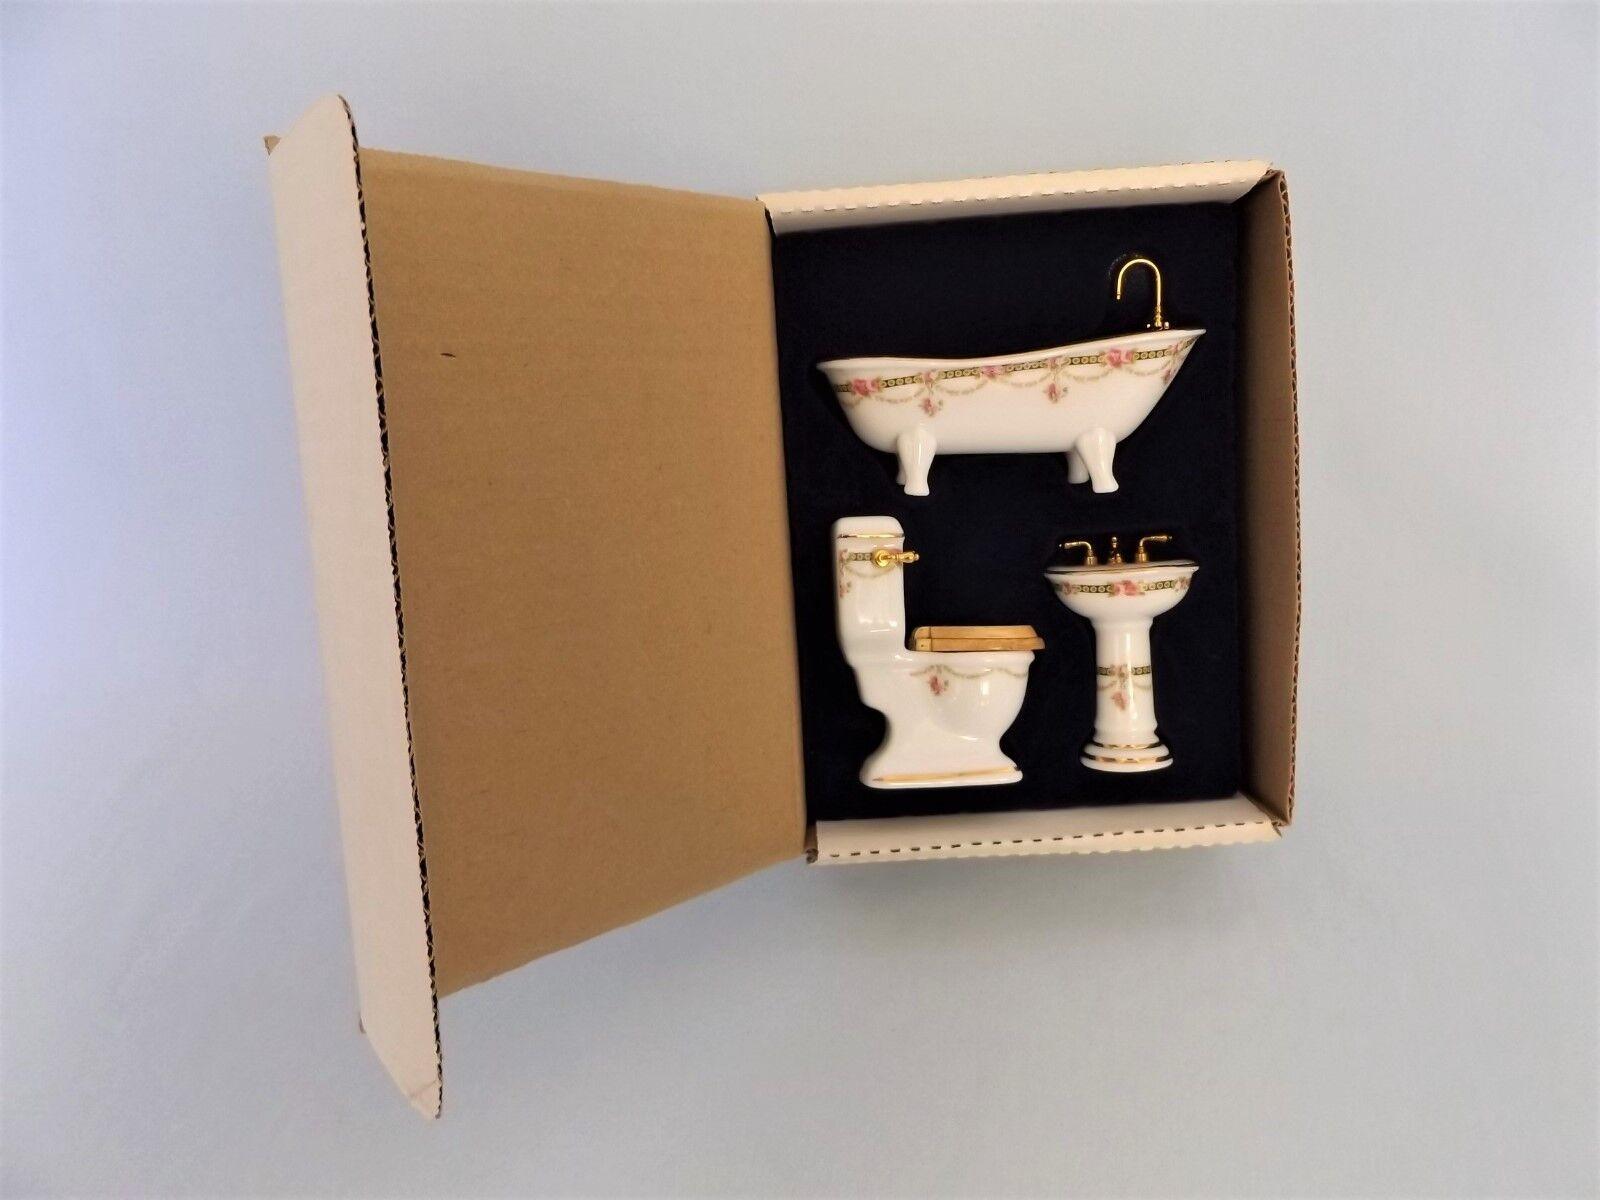 Reutter Miniatur Porzellan Badset 3-tlg. Biedermeier Stil OVP Puppenstube 1 12